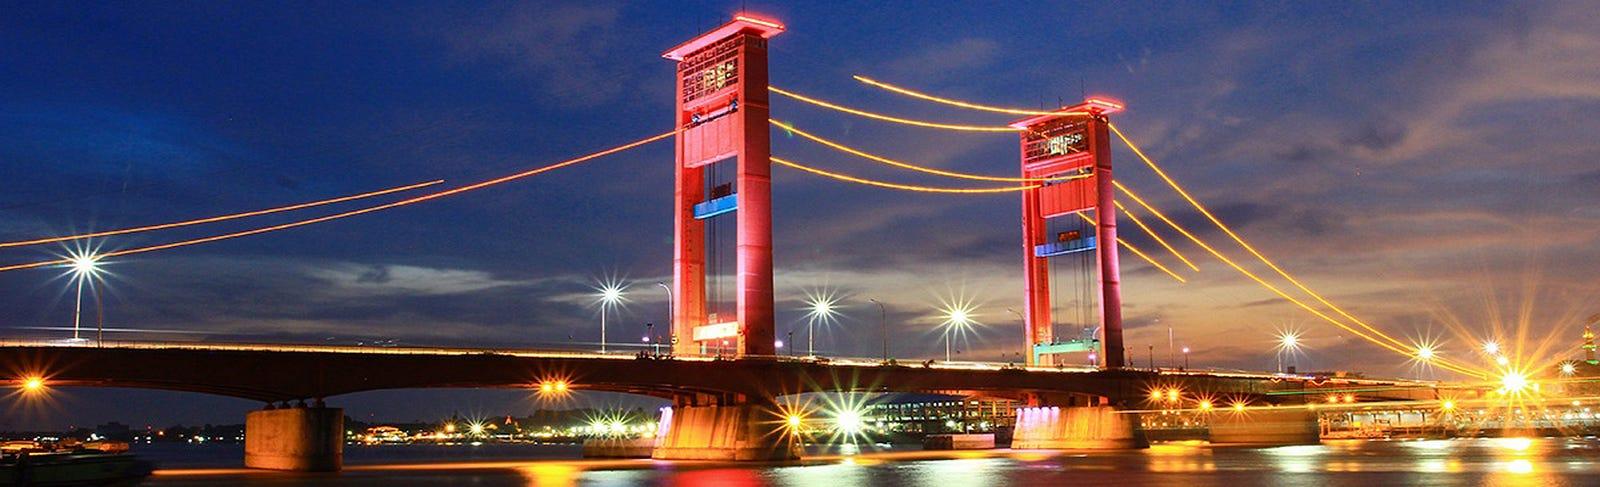 Sejarah Singkat Kota Palembang  Muhammad Asyrof  Medium